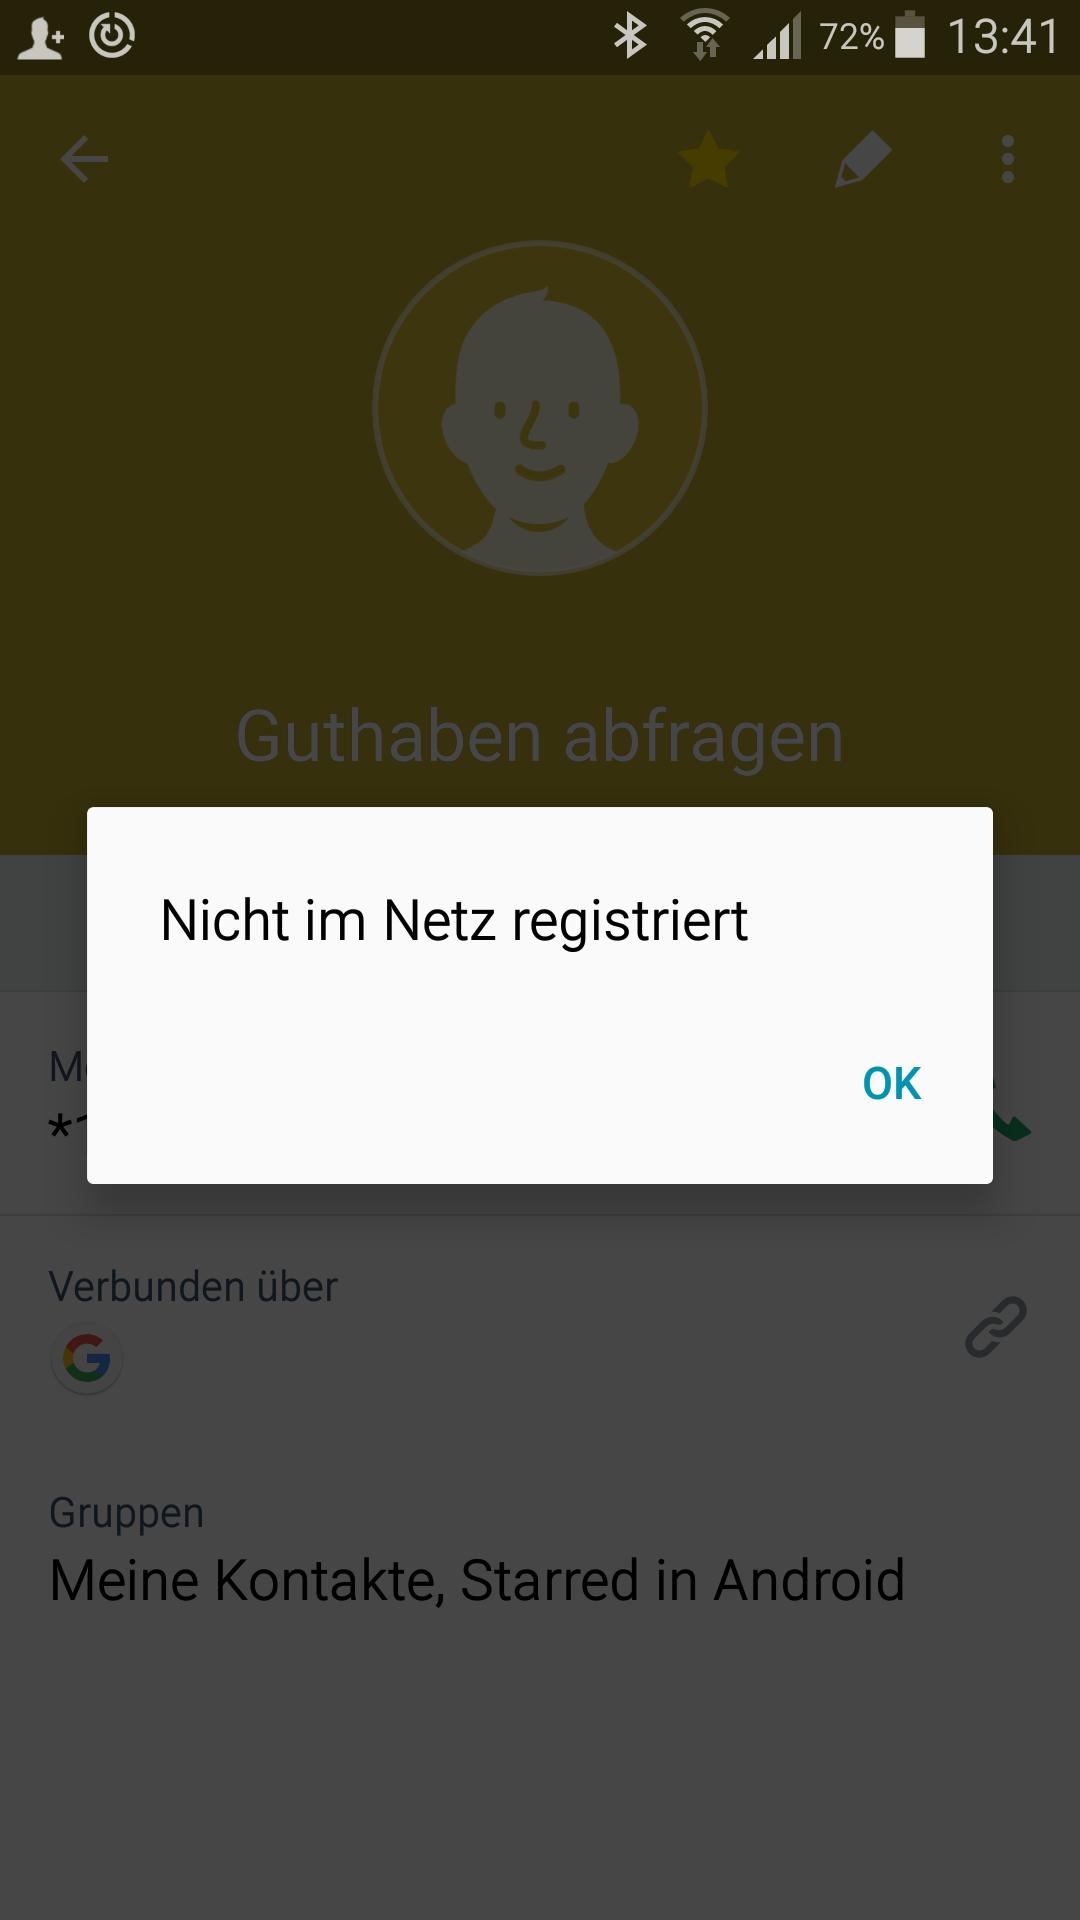 aldi nicht im netz registriert